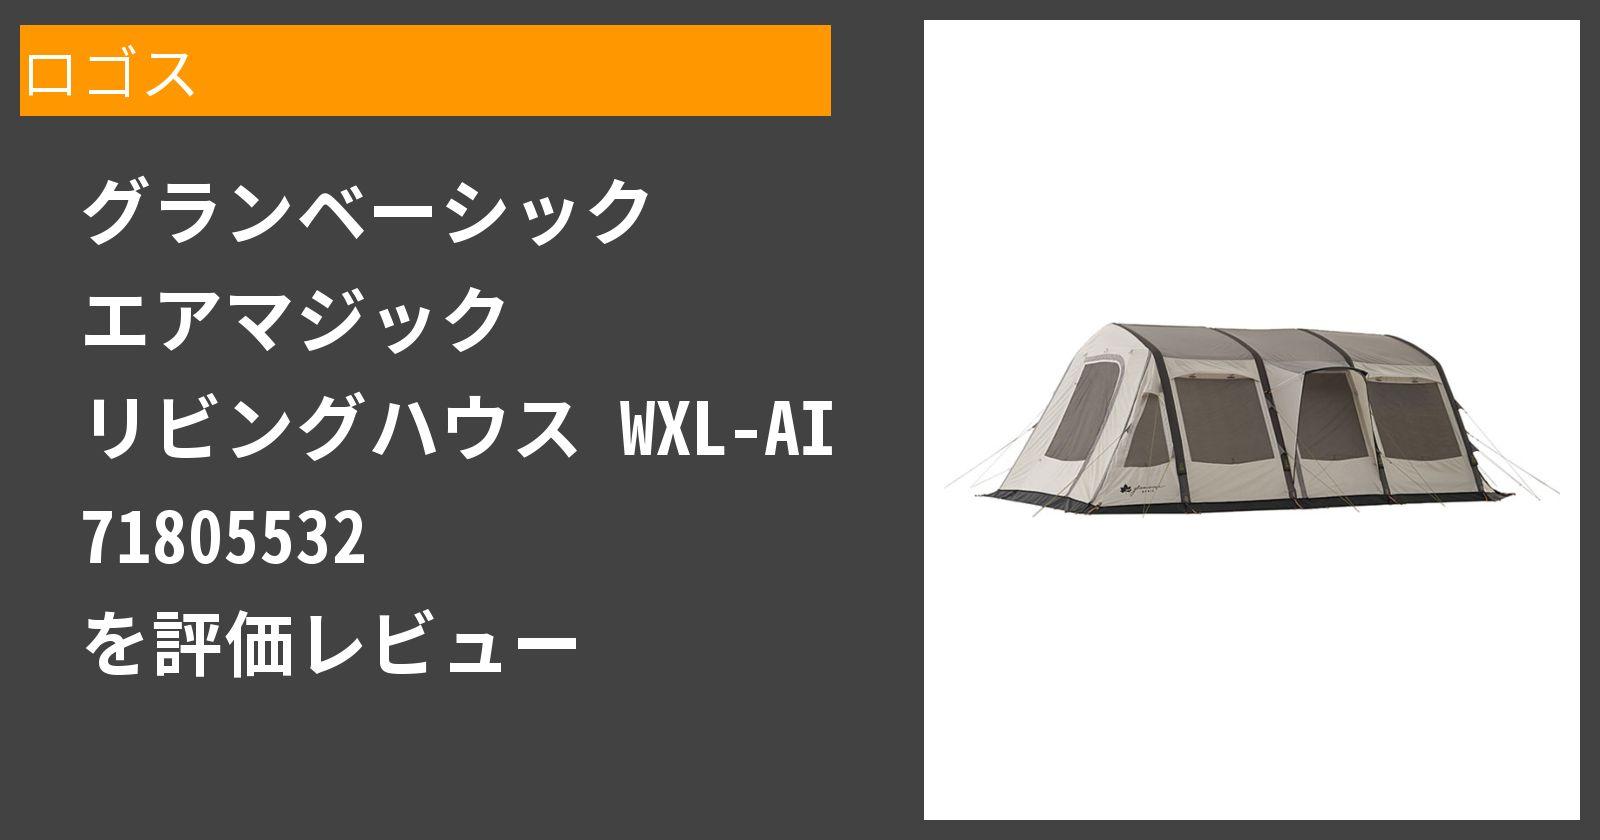 グランベーシック エアマジック リビングハウス WXL-AI 71805532を徹底評価